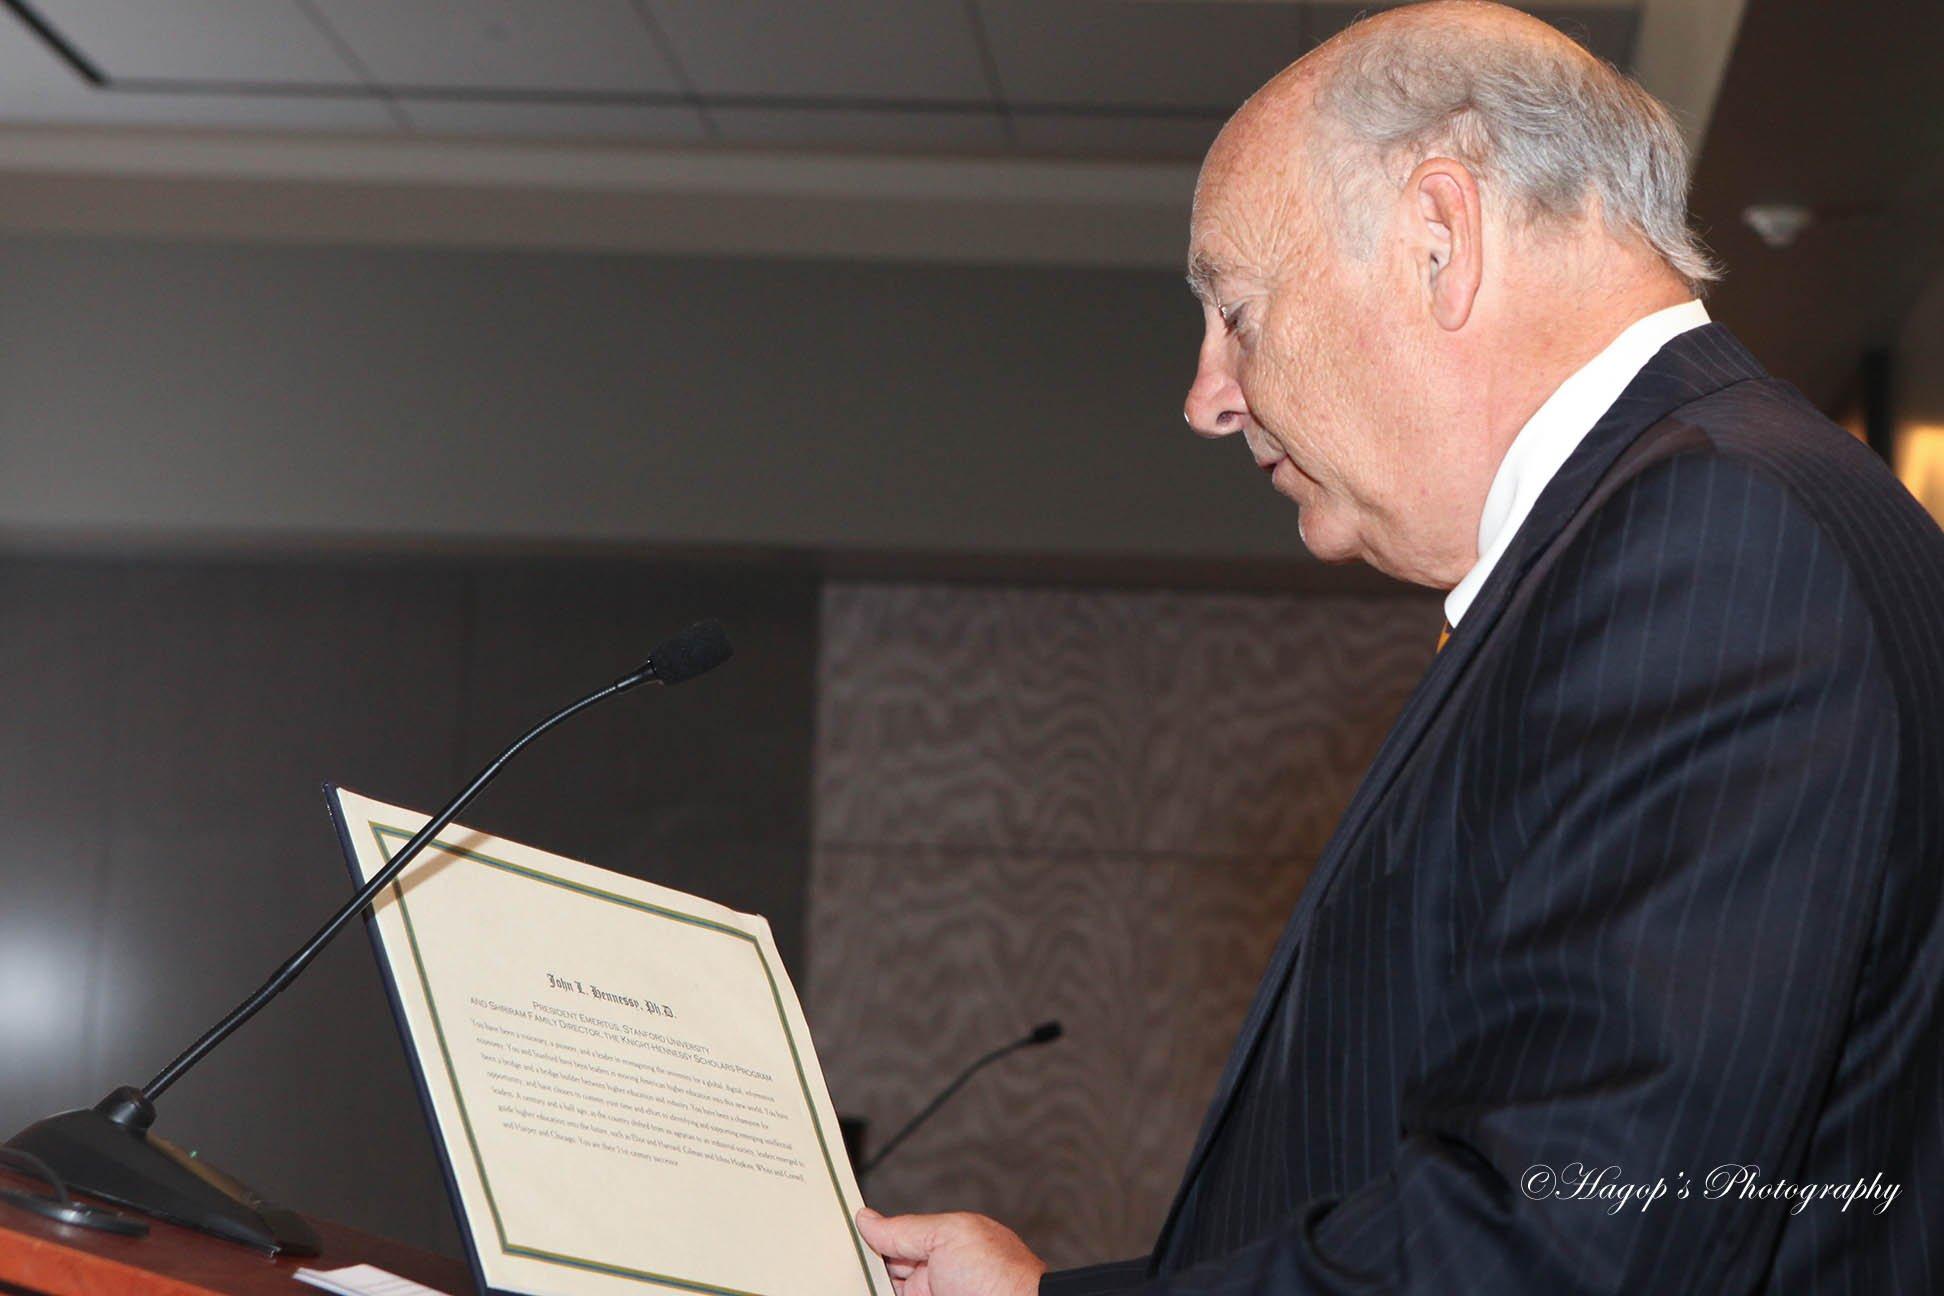 speaker reading the award